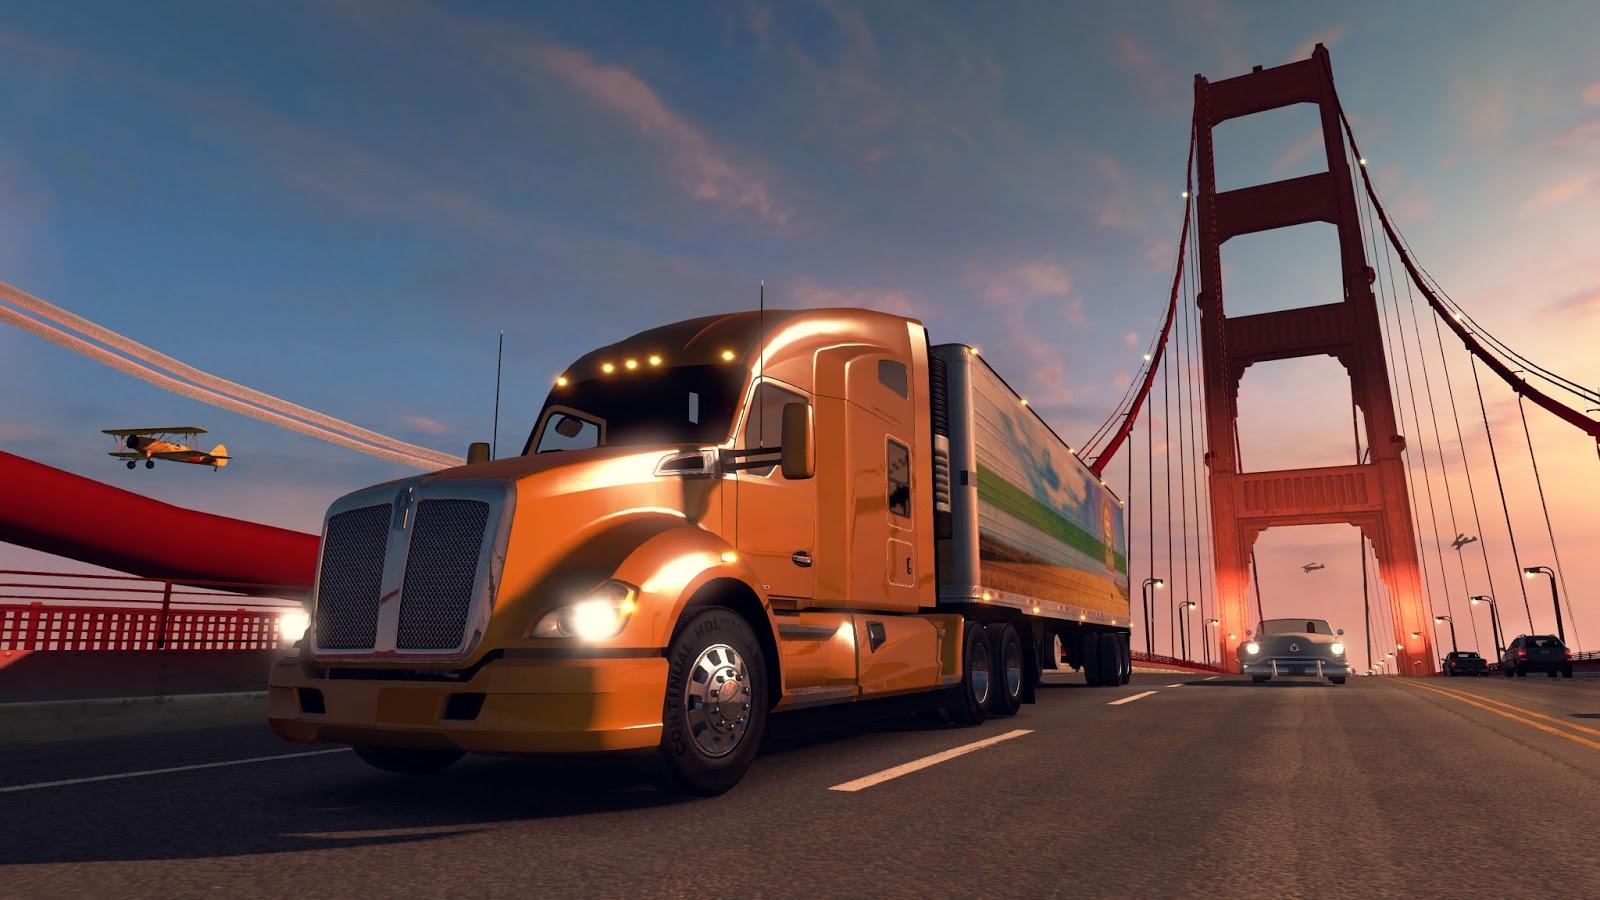 American Truck Simulator Download Full Game PC - My Full Games